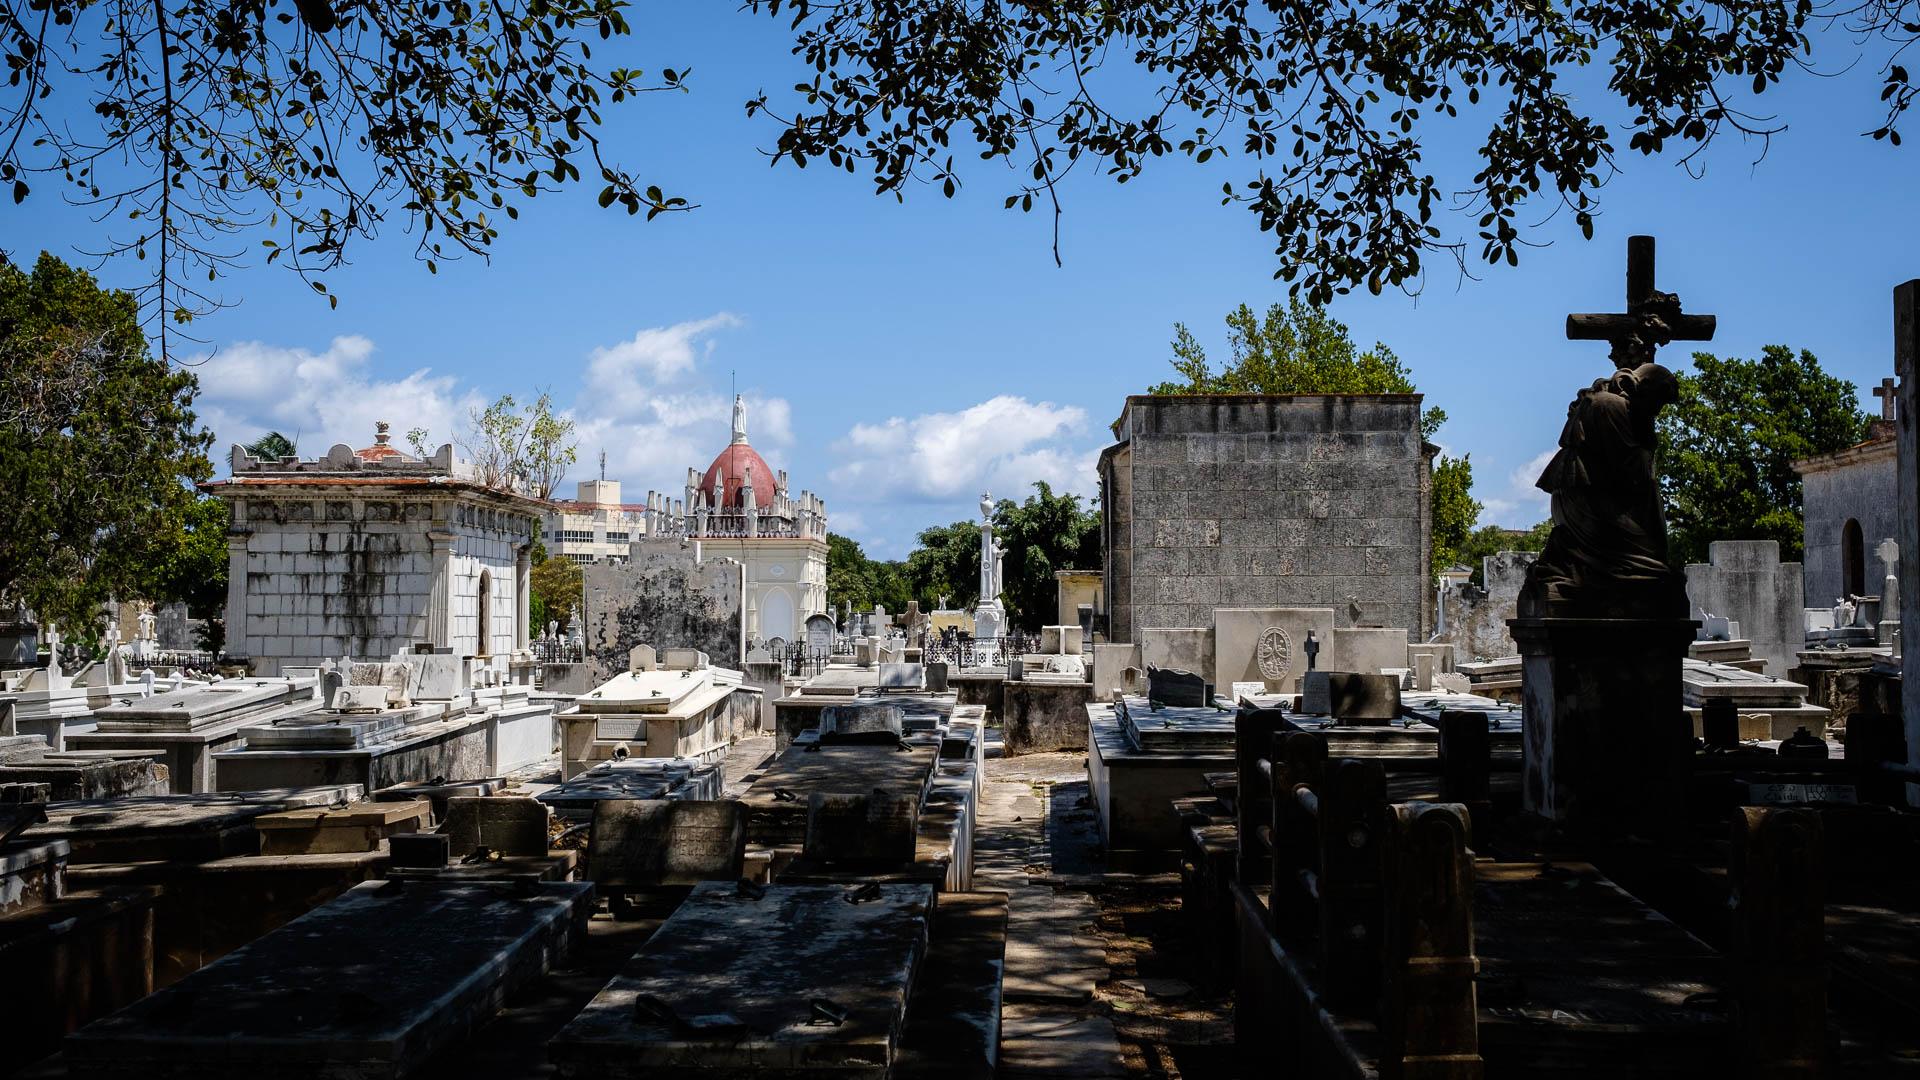 180501-Havana-88-1080.jpg